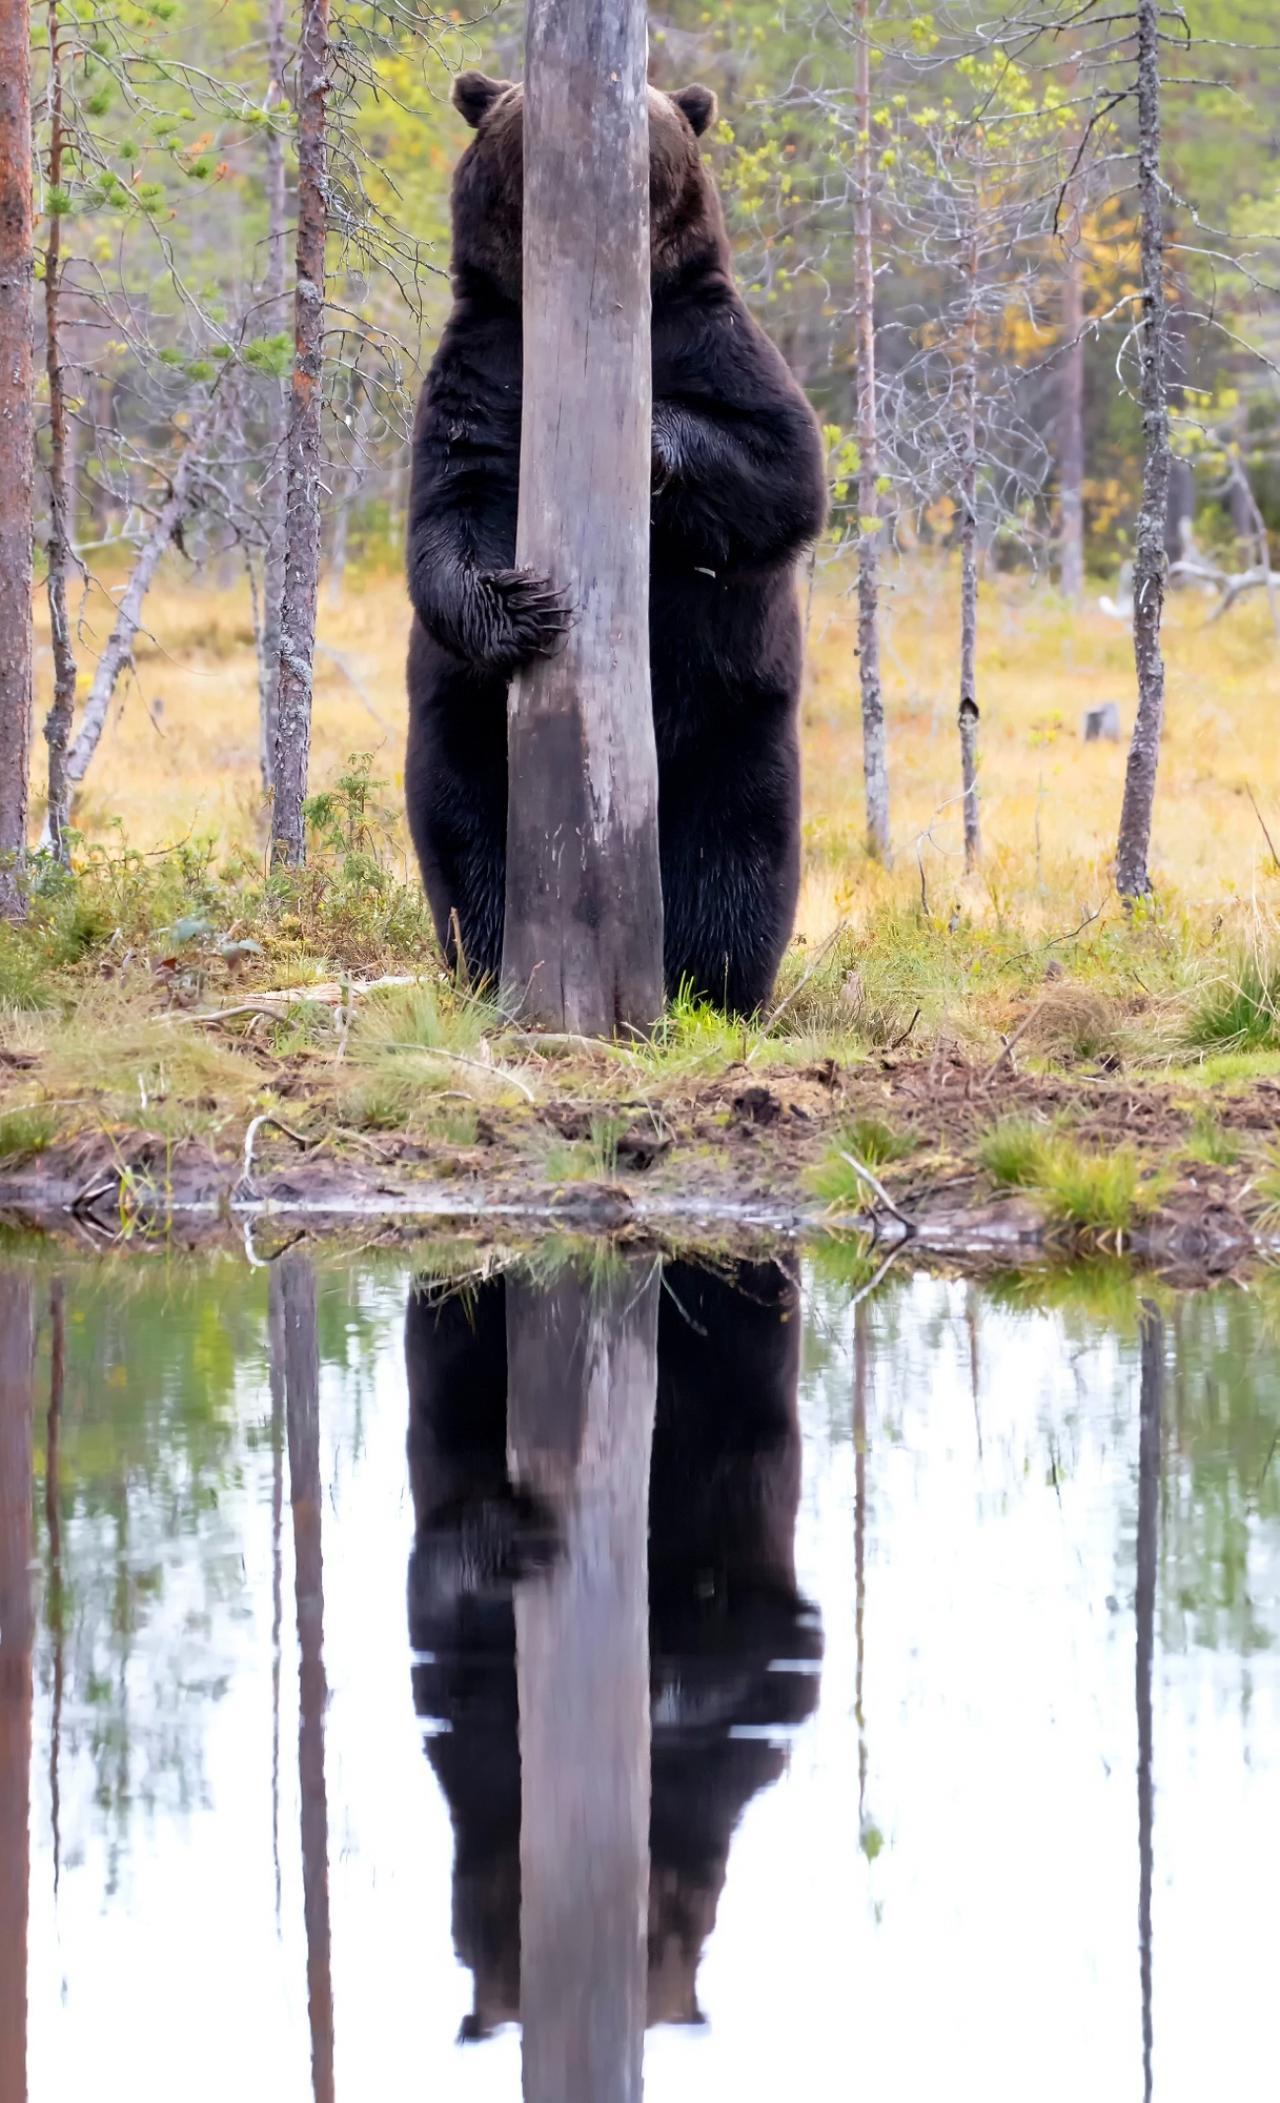 Финалисты премии Комедийной фотографии дикой природы 2020 года выглядят как отличные заготовки для мемов